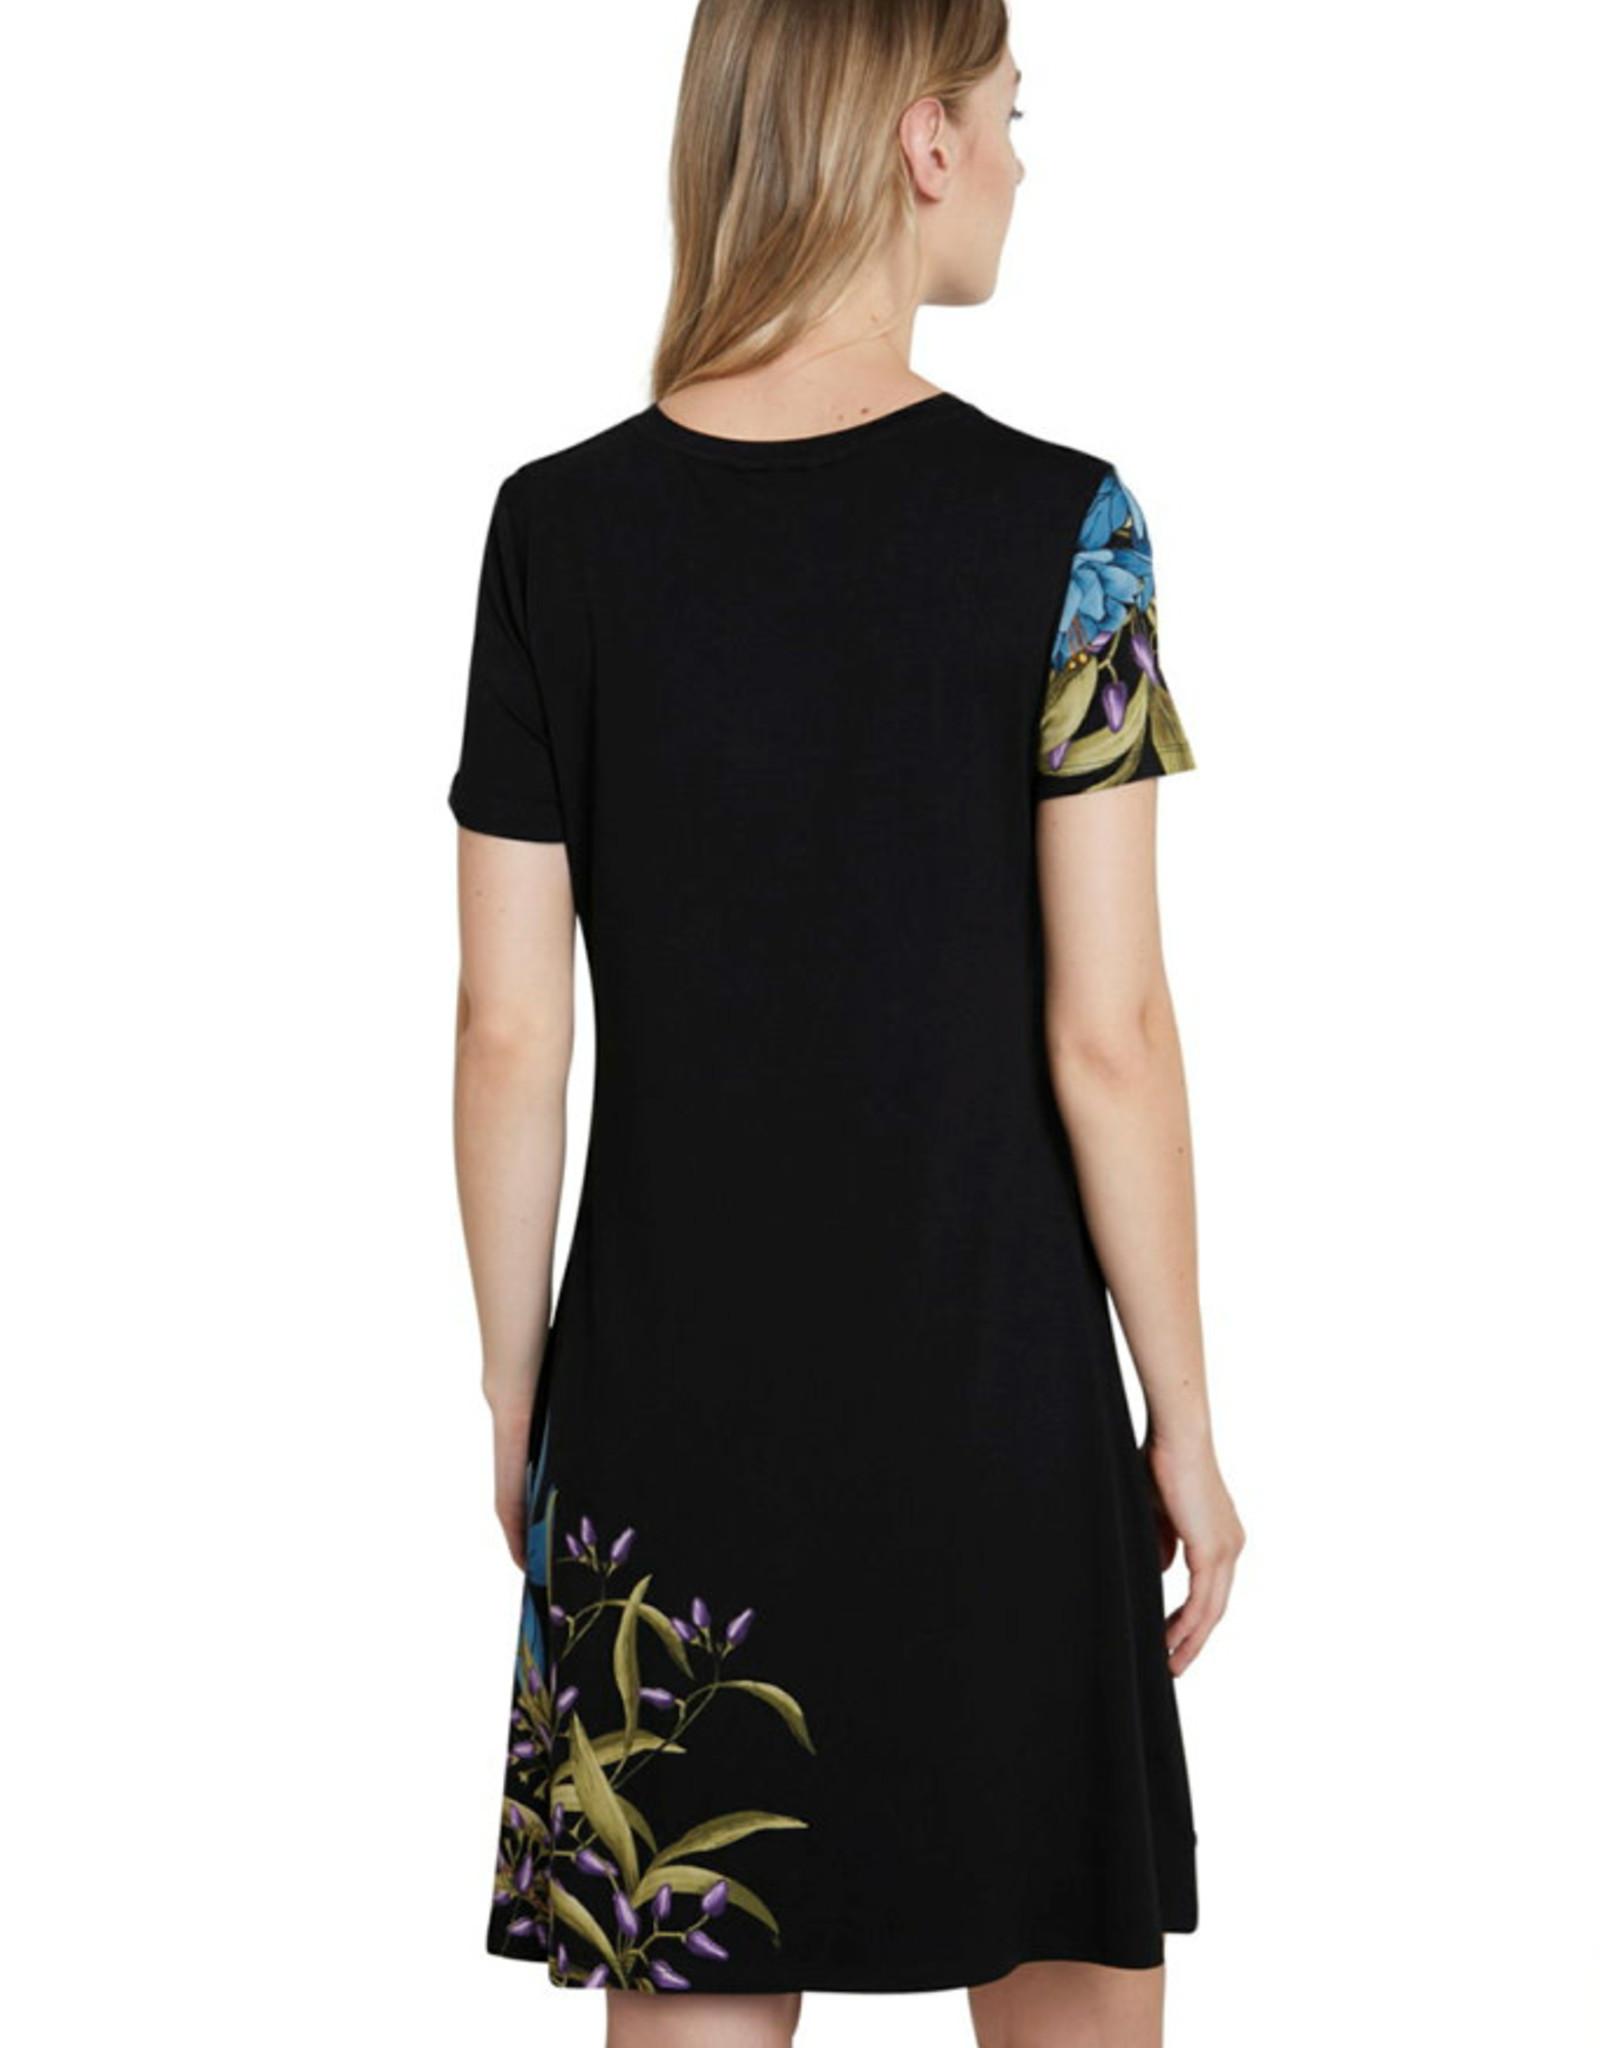 DESIG 21SWVKAG 2000 Black Las Vegas Dress